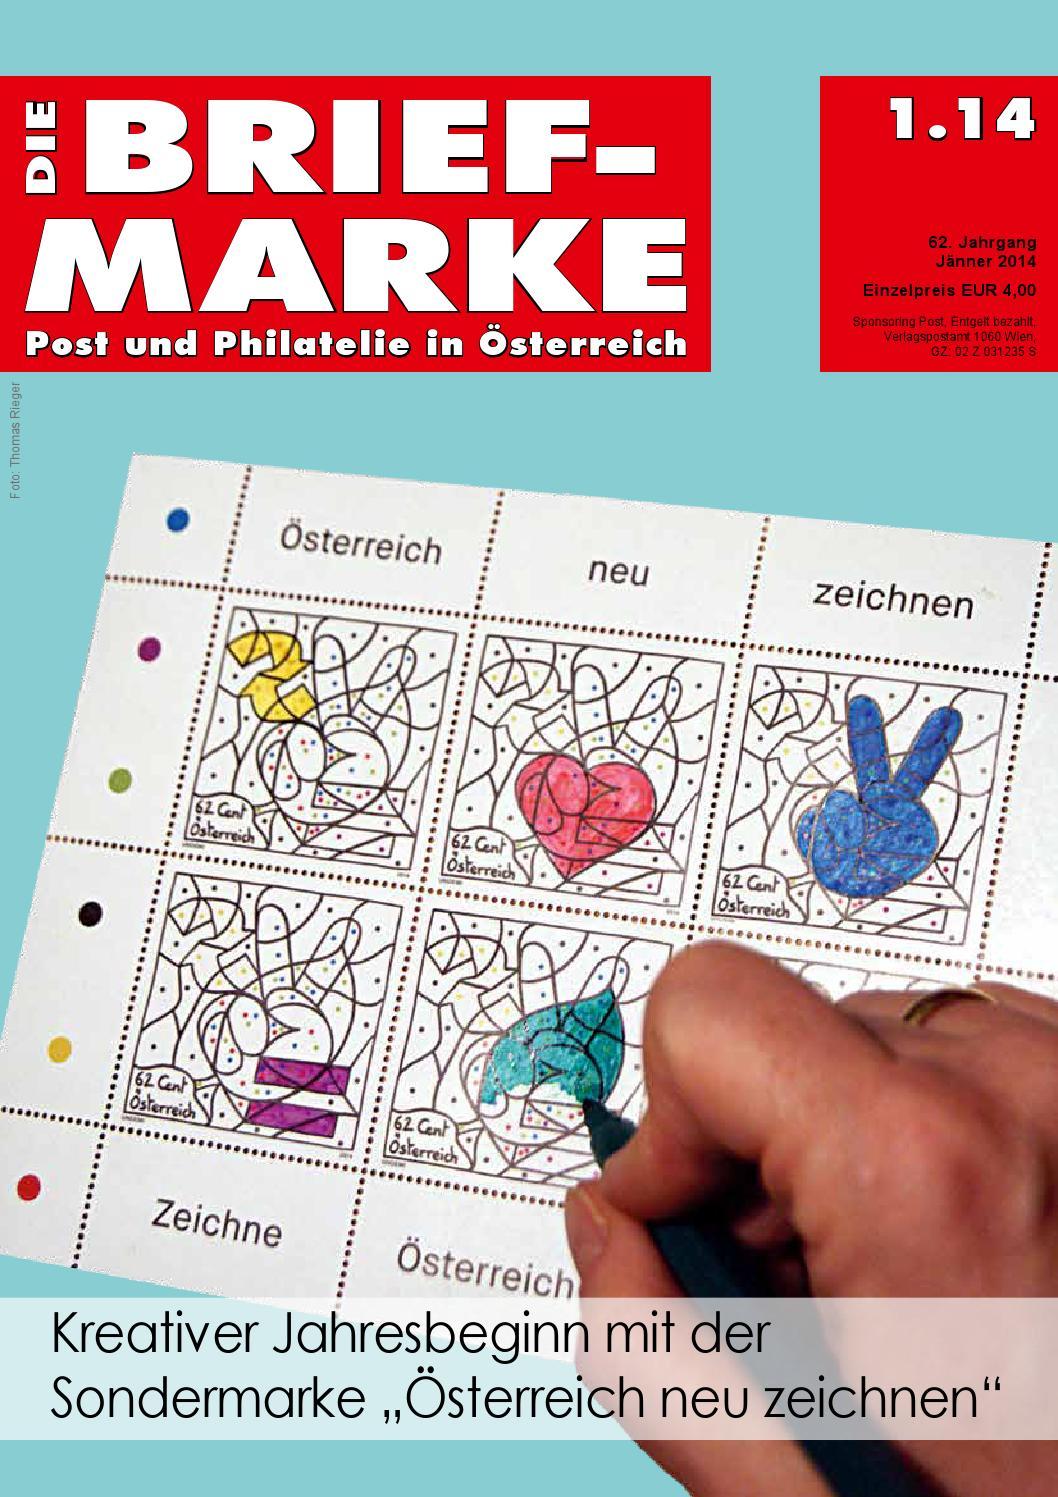 == Österreich == 2006 Kleinbogen Tag Der Briefmarke Postfrisch== 2019 Official Briefmarken Österreich